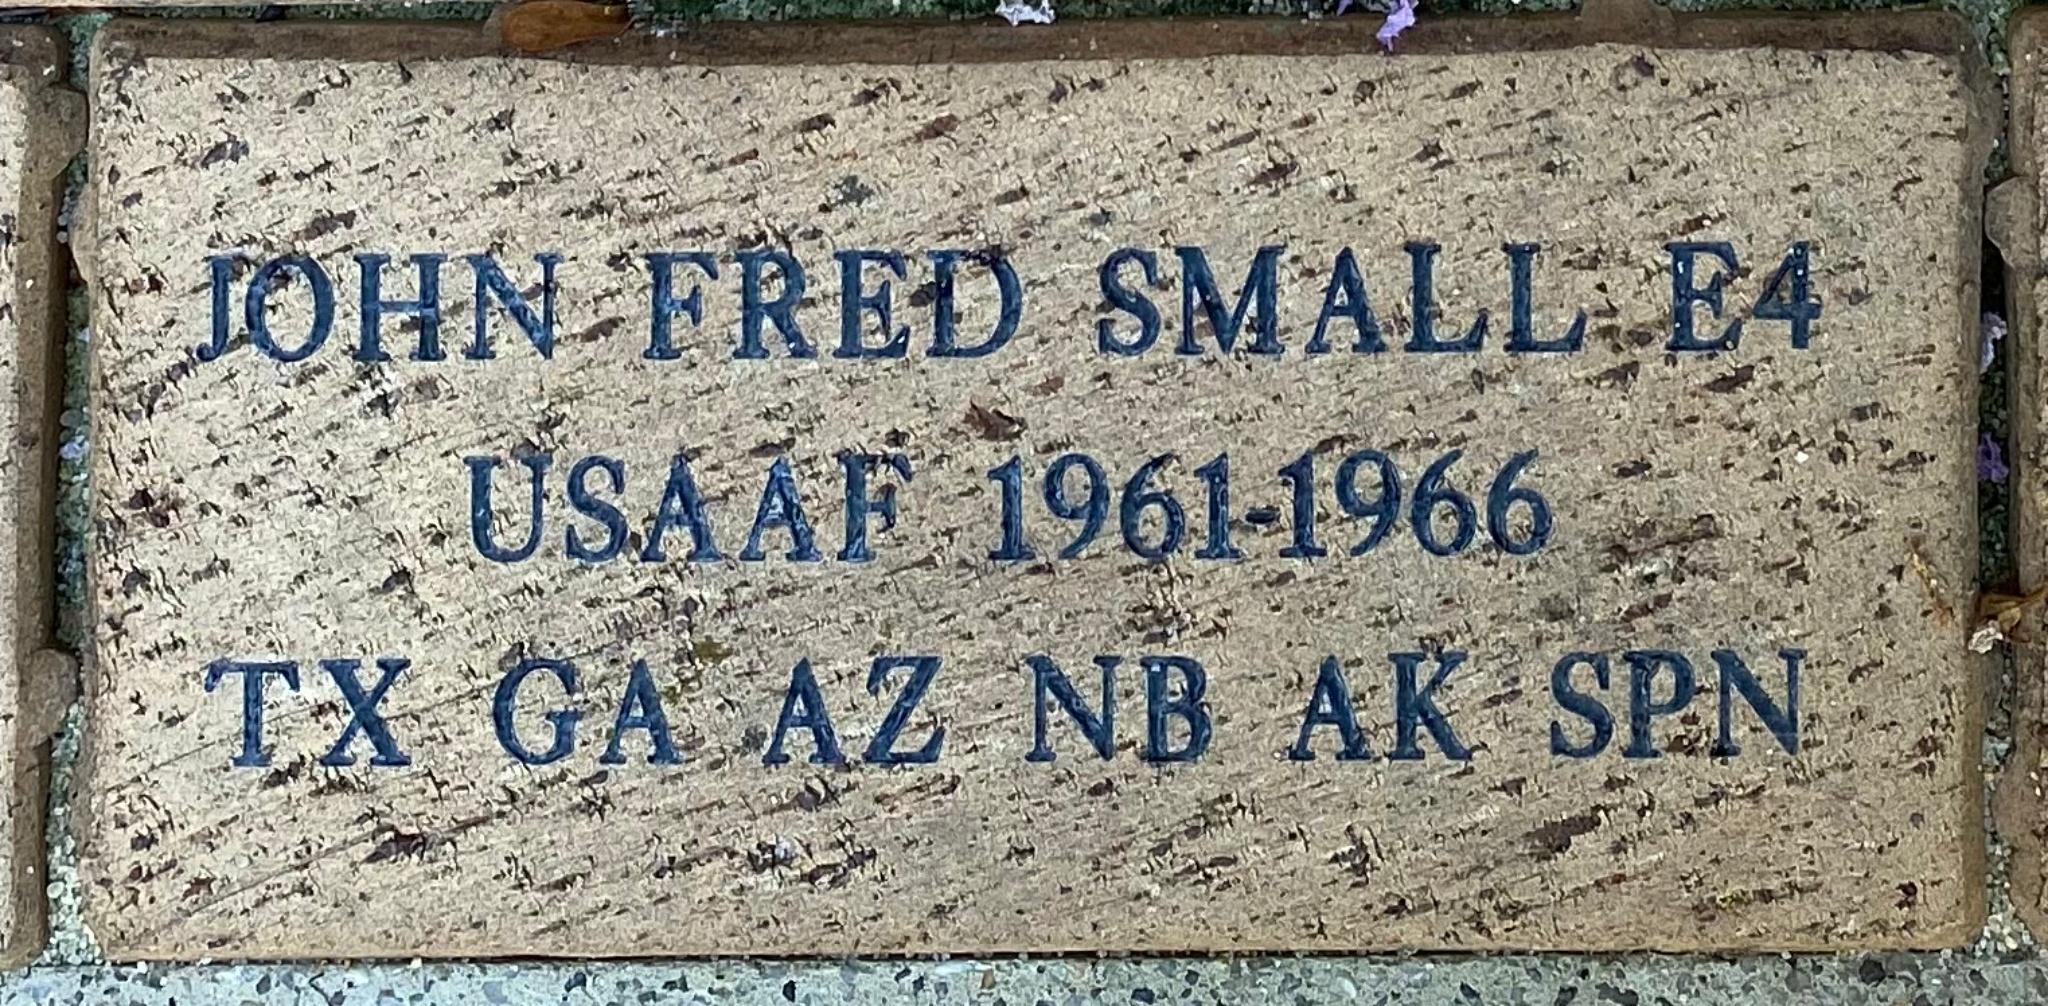 JOHN FRED SMALL E4 USAF 1961-1966 TX GA AZ NB AK SPN